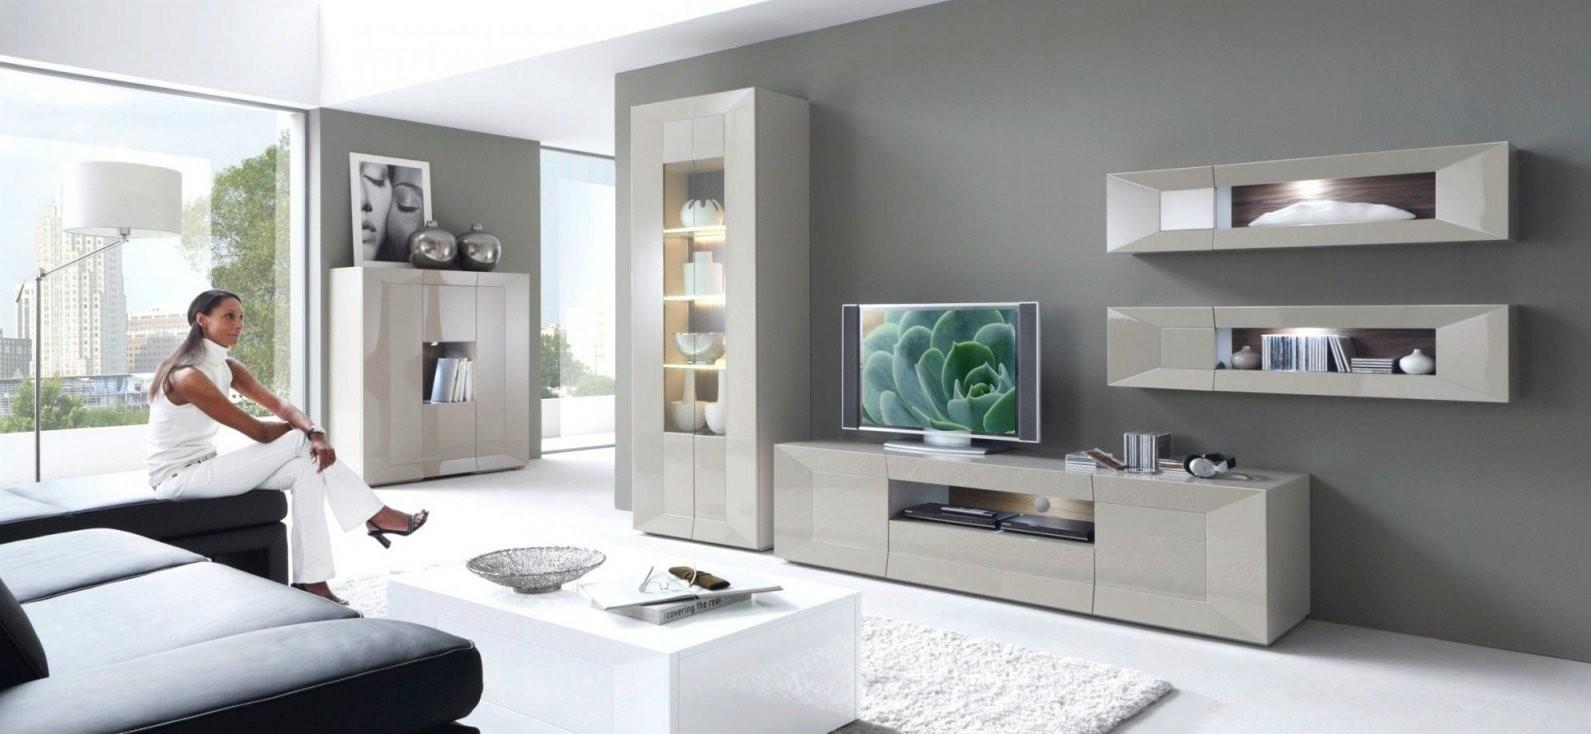 Wohnideen Farben Fur Wohnzimmer Auch Frisch Inspirierend Welche Von von Schöne Wandfarben Fürs Wohnzimmer Photo